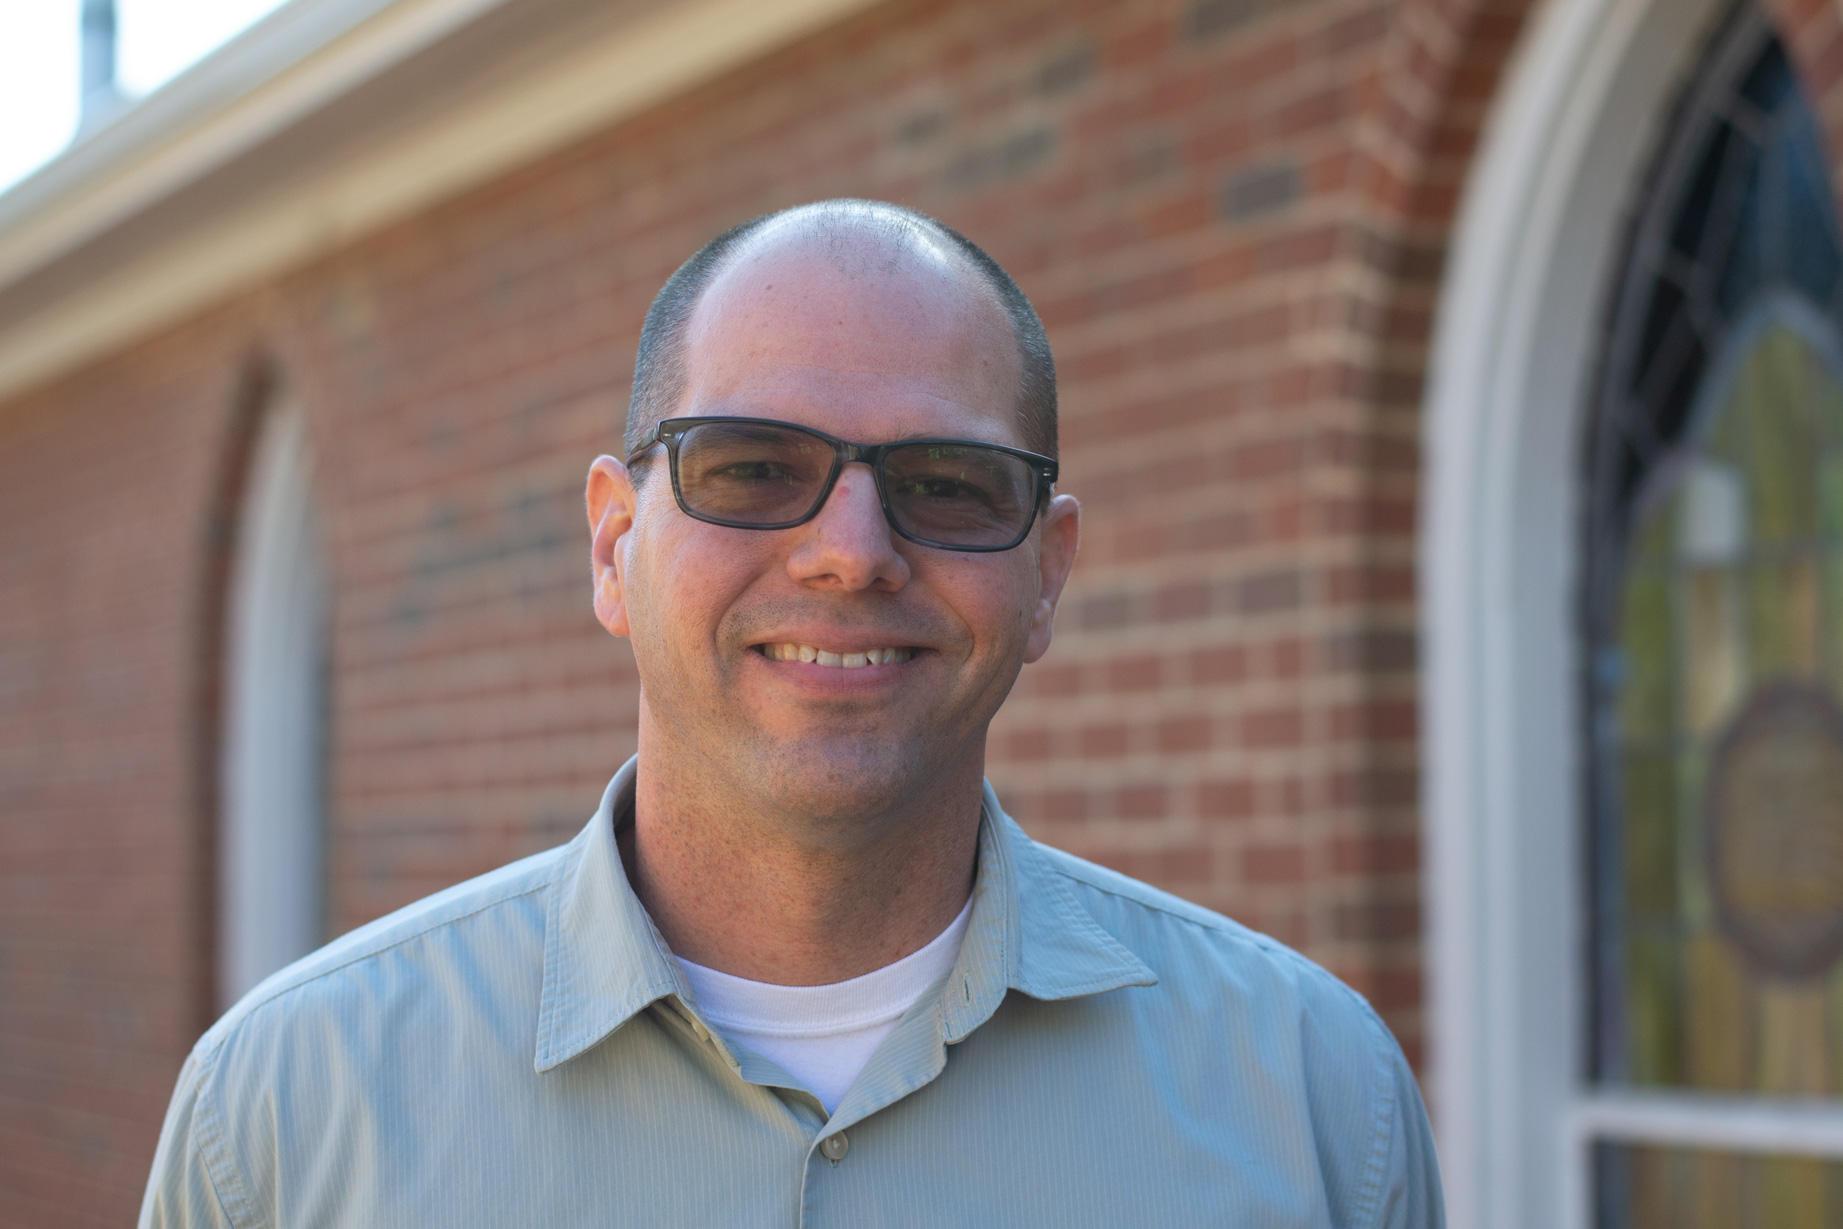 Pastor Joel Robinette